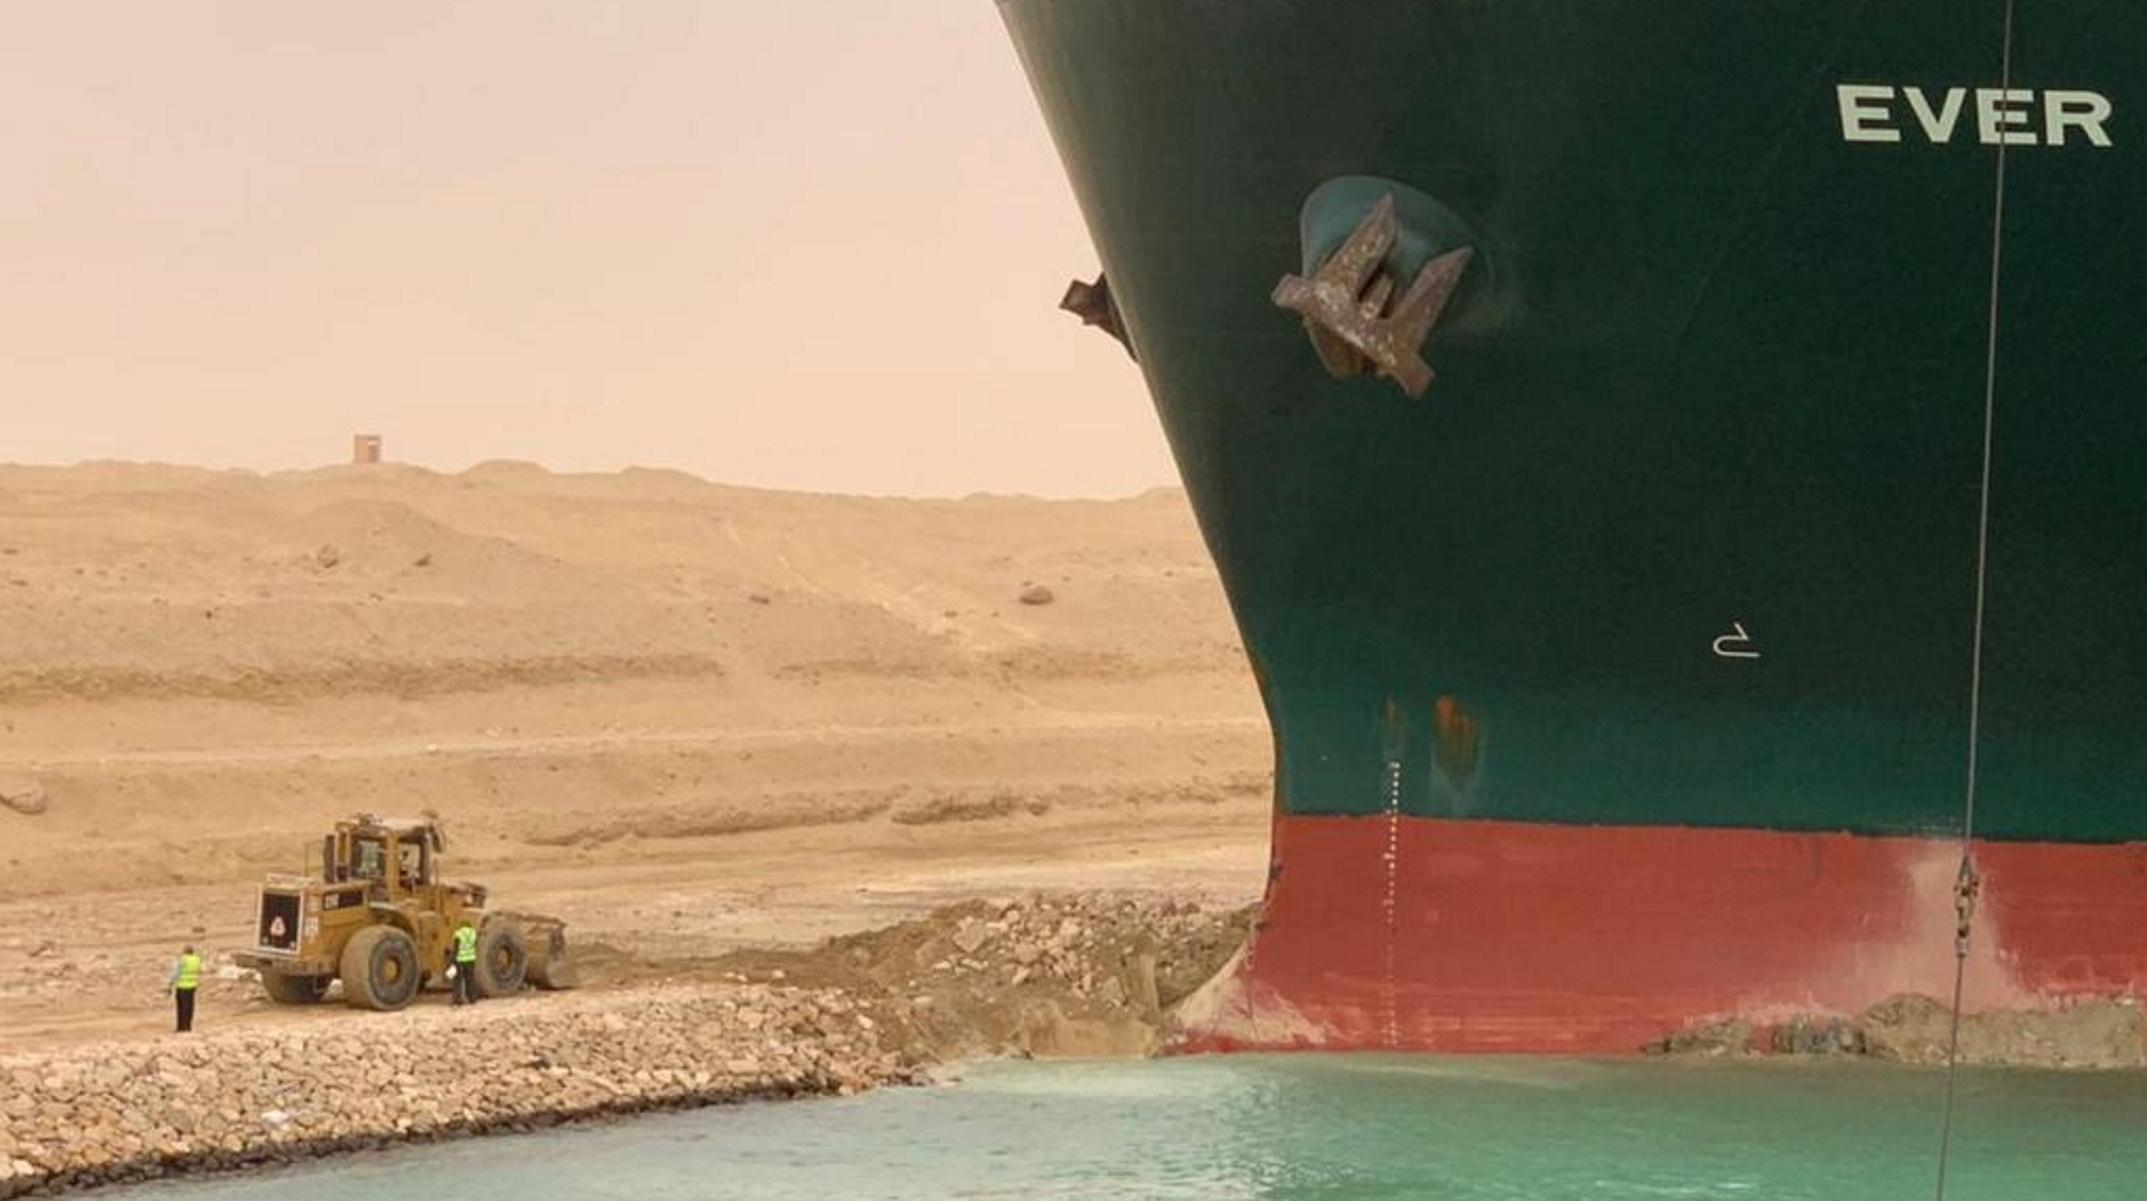 Διώρυγα Σουέζ: Καθηλωμένο το γιγαντιαίο πλοίο που σταμάτησε τη ναυσιπλοΐα στα στενά (pics, vid)